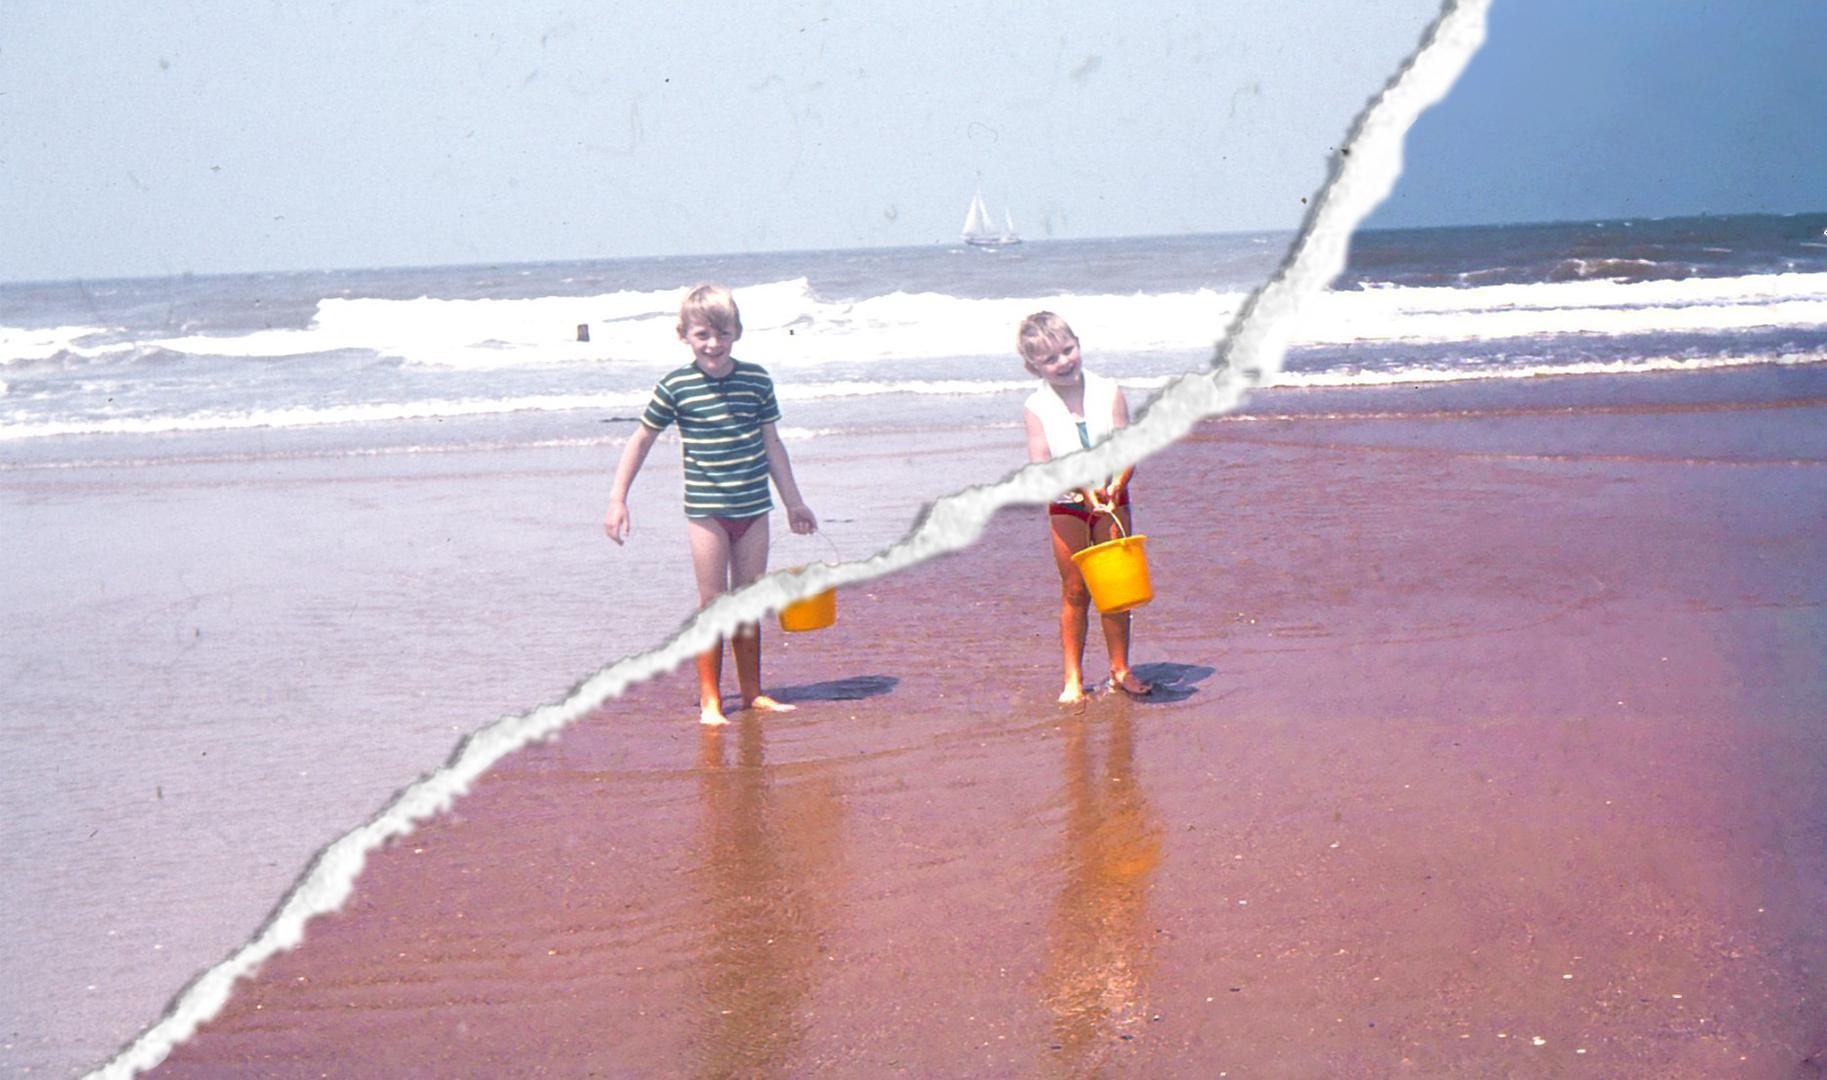 Oude dia foto van 40 jaar geleden. Twee kinderen lopen over het strand. Er loopt een scheur schuin over de foto heen. Aan de ene kant van de scheur is de oude dia te zijn, aan de andere kant de nieuwe, opgeknapte dia. Fotobewerking / herstellen van oude foto's en dia's.